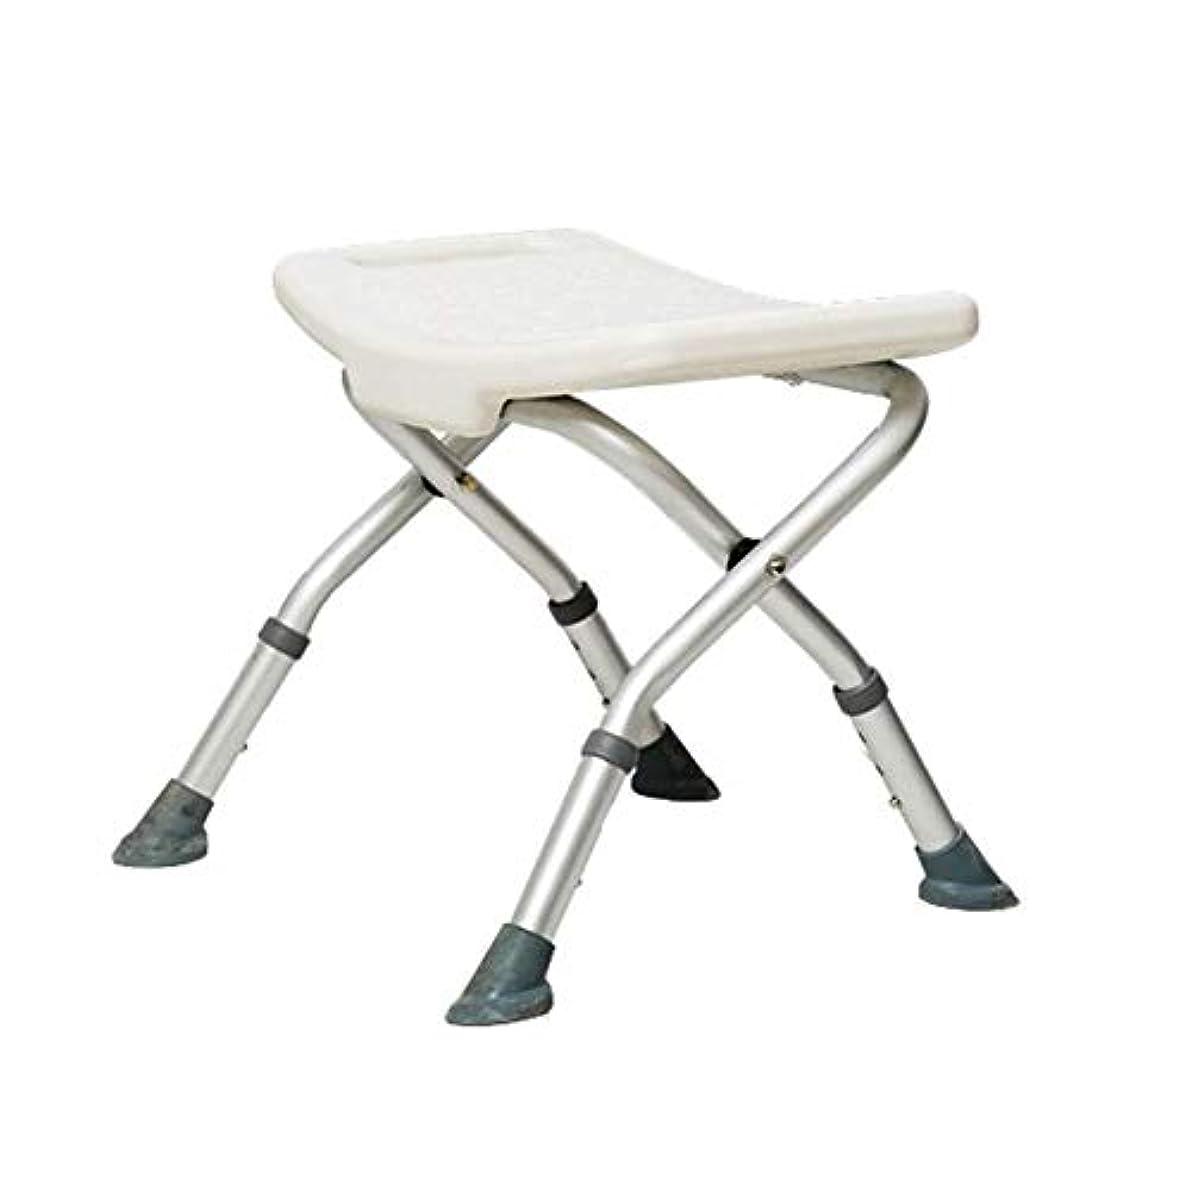 セマフォ均等に壊すトイレチェアハンディキャップ用折りたたみ椅子